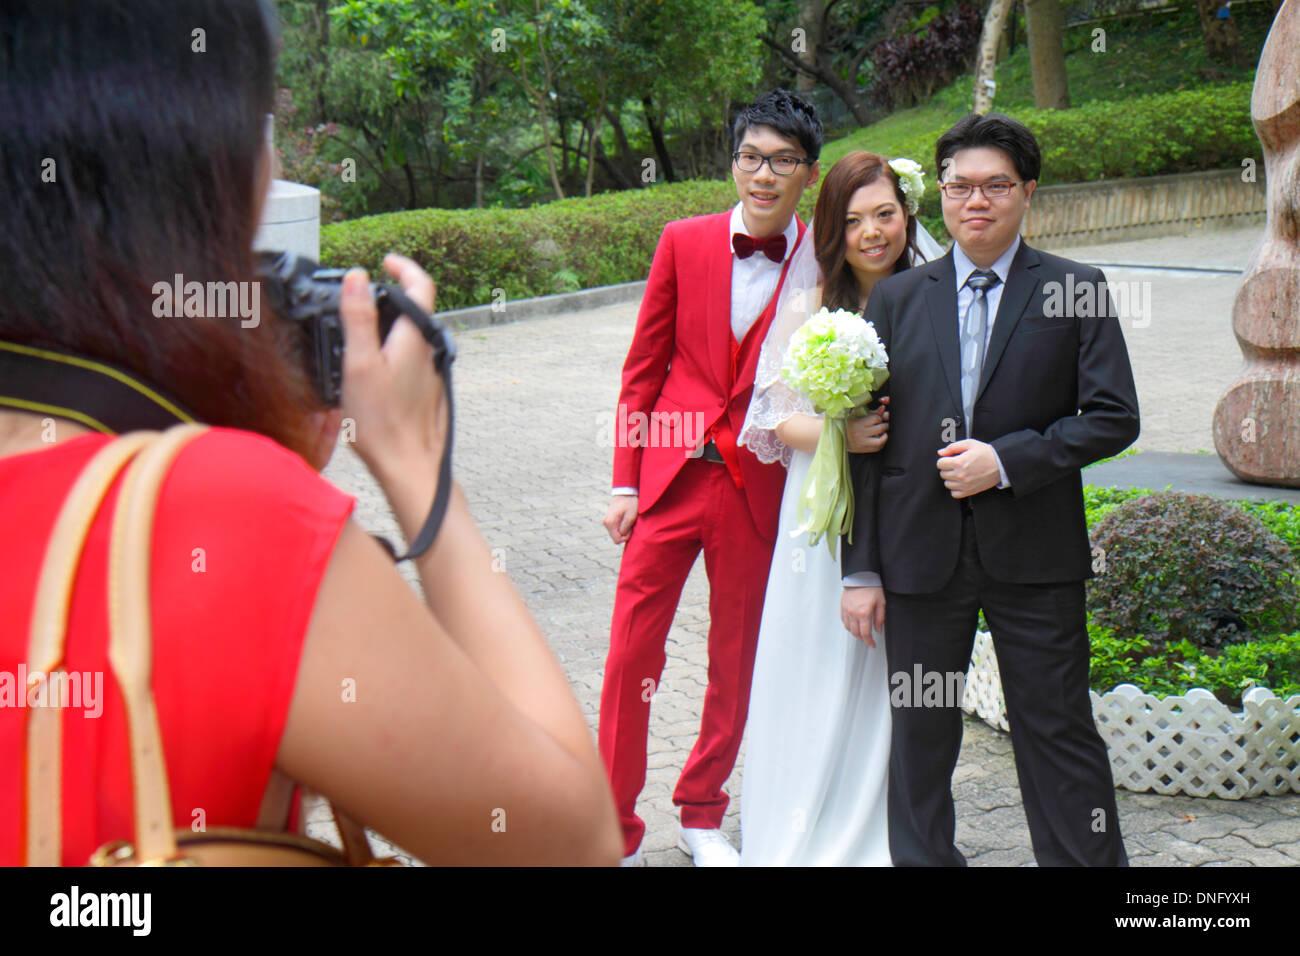 Hong Kong China Insel Central Hong Kong Park Hochzeit Fotograf Fotos ...